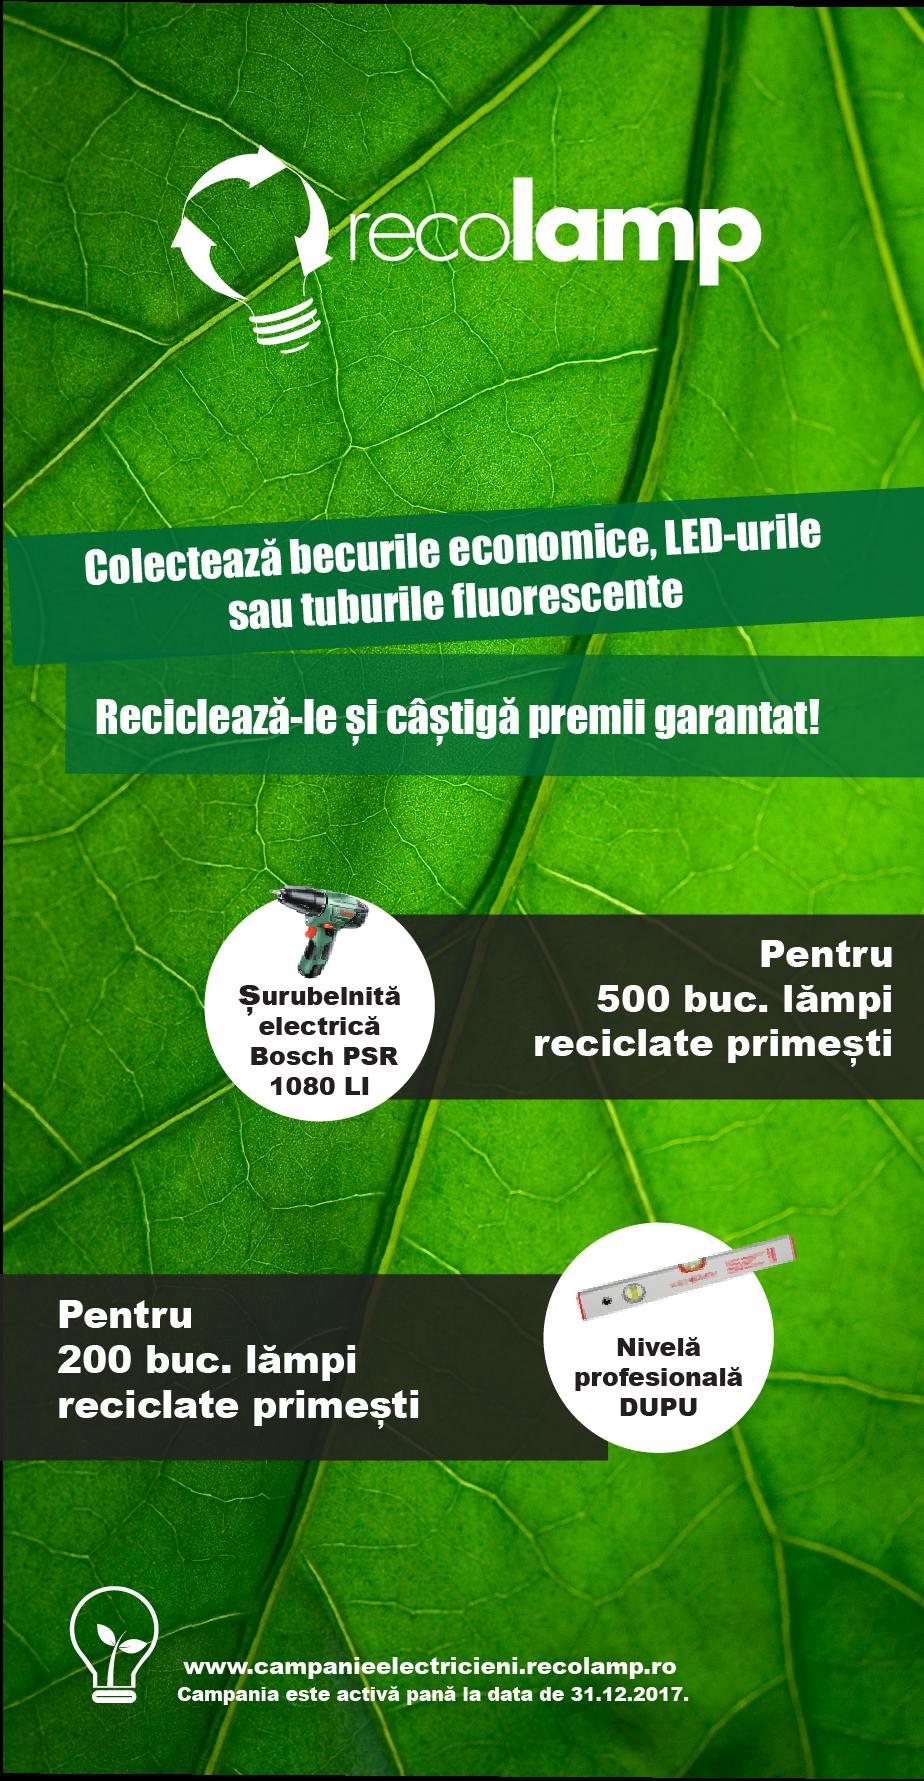 Recolamp oferă premii garantat celor care colectează becuri economice LED-uri și tuburi fluorescente! - Recolamp oferă